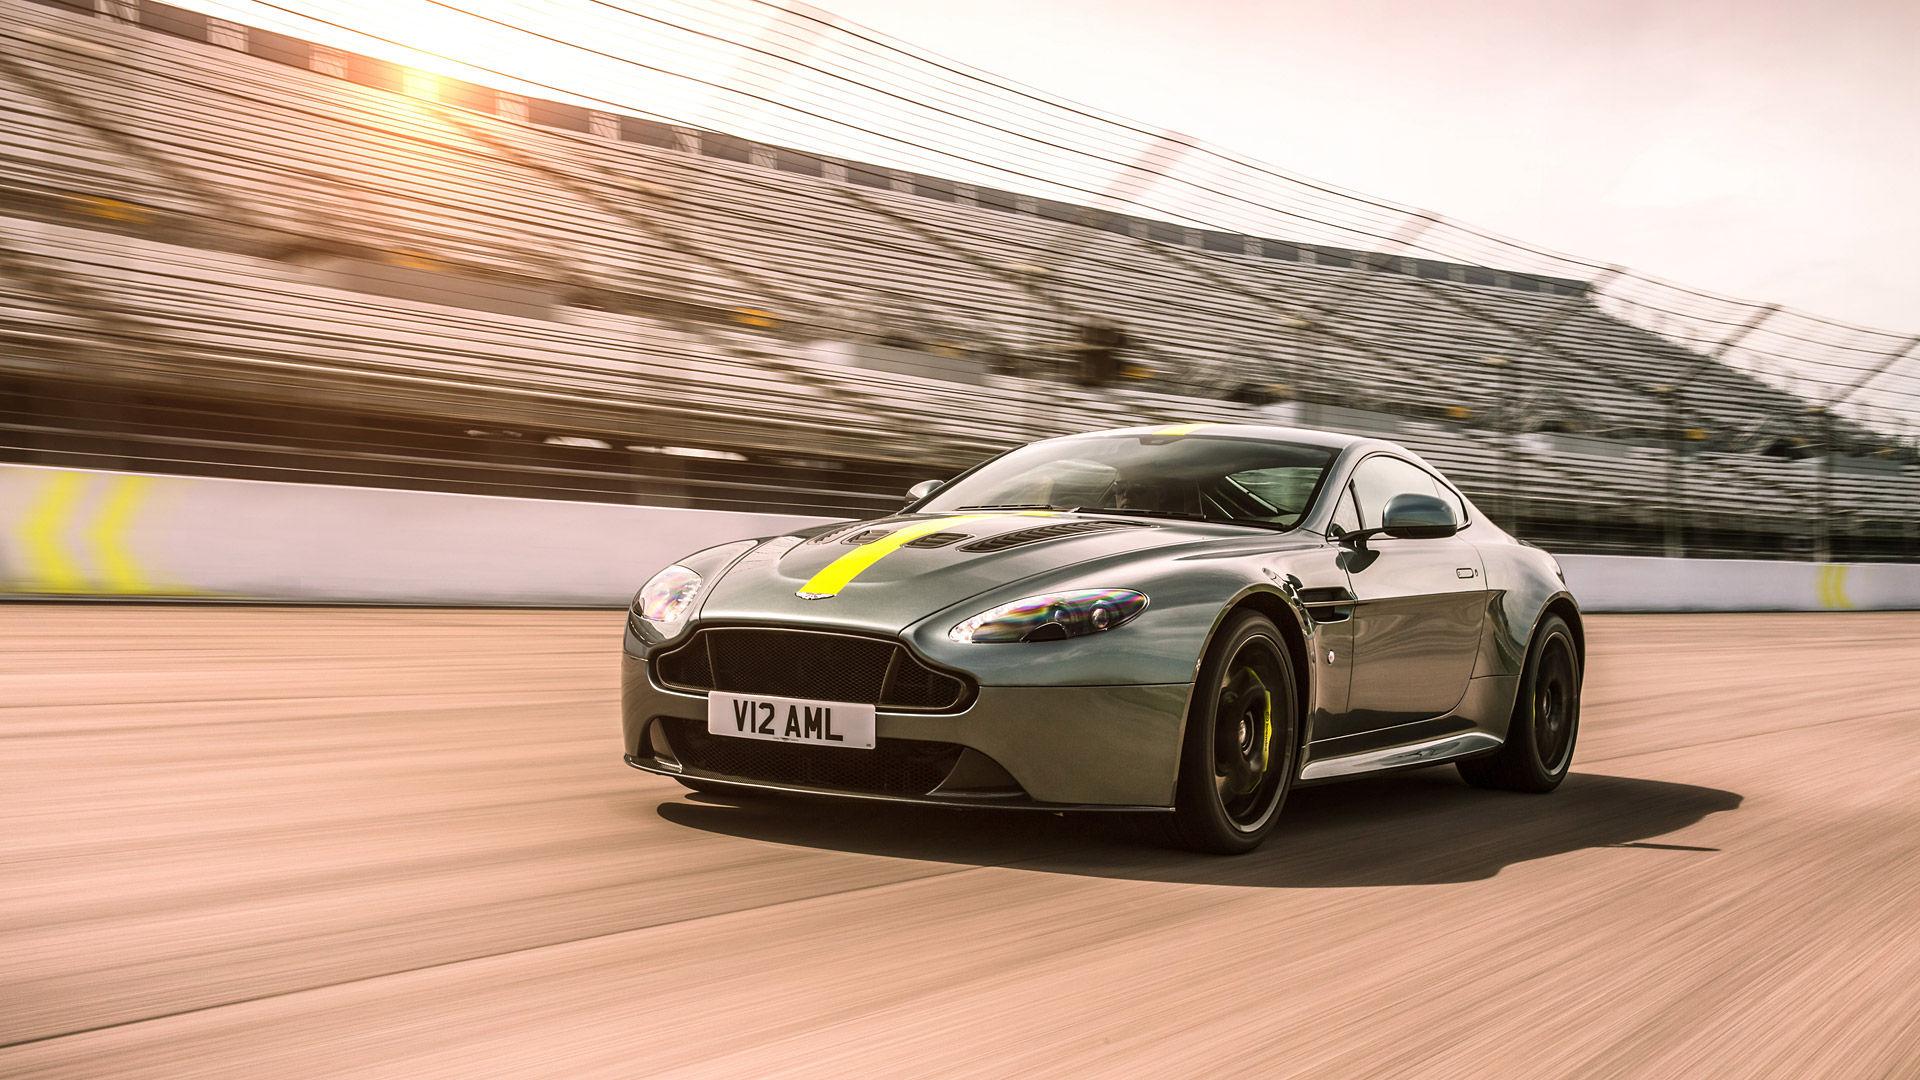 2018 Aston Martin Vantage AMR